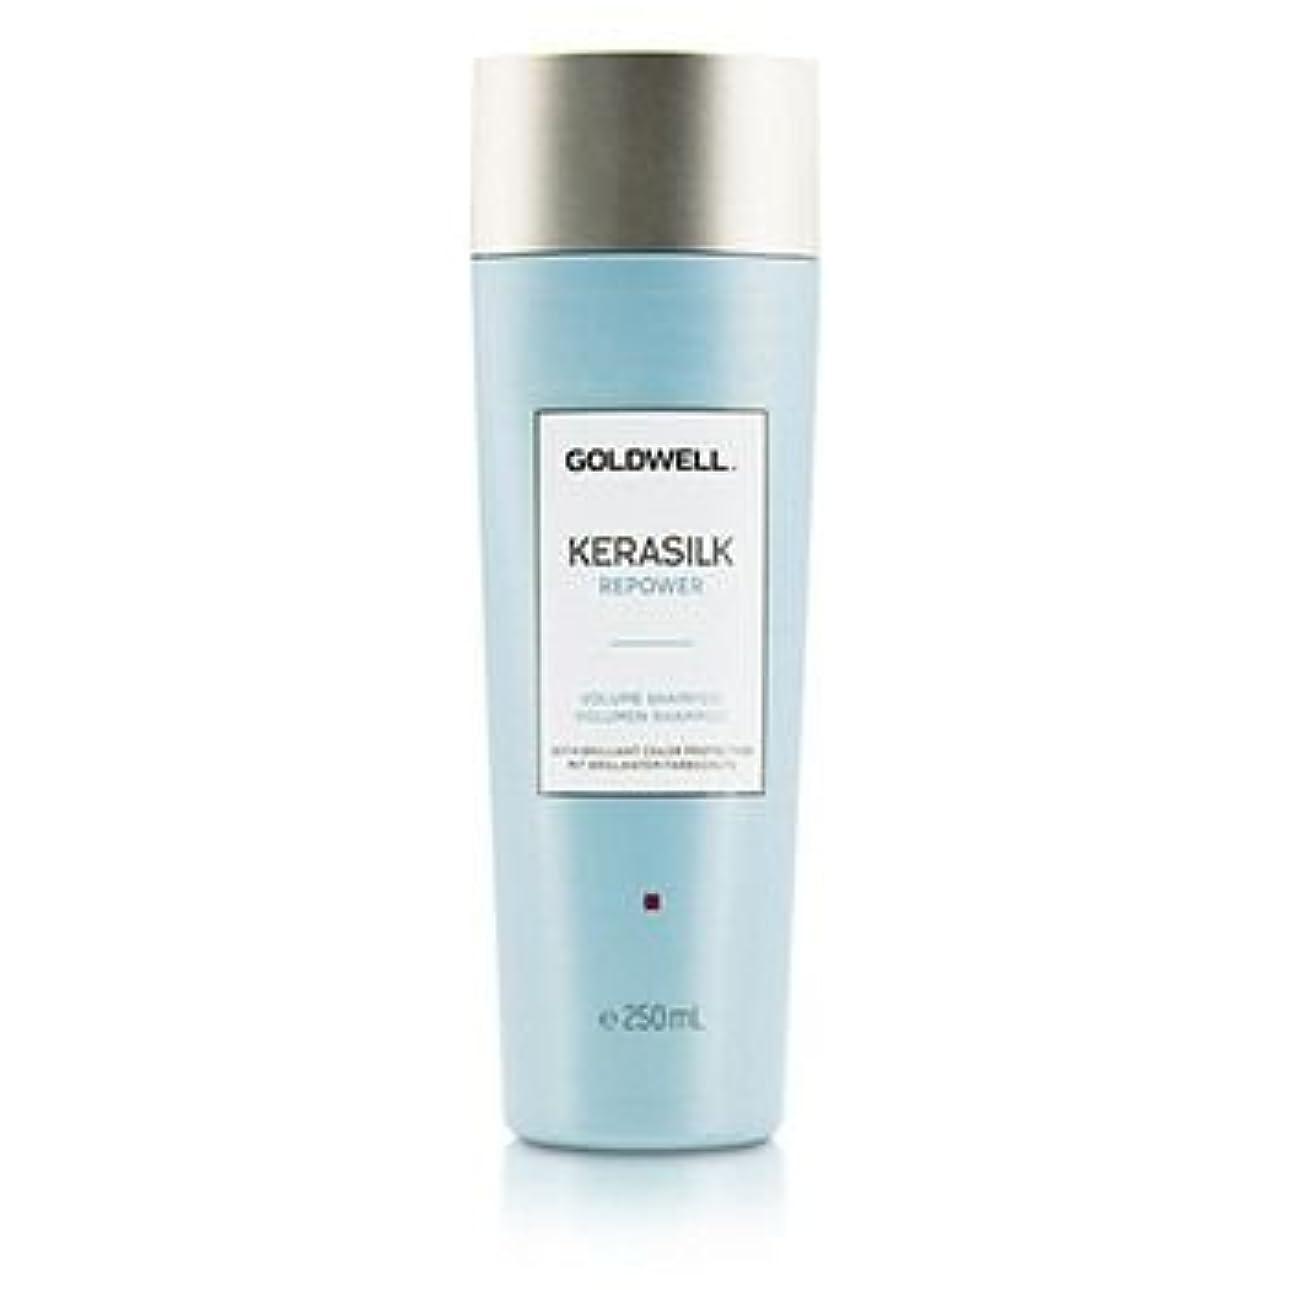 選挙ポンドアンデス山脈[Goldwell] Kerasilk Repower Volume Shampoo (For Fine Limp Hair) 250ml/8.4oz